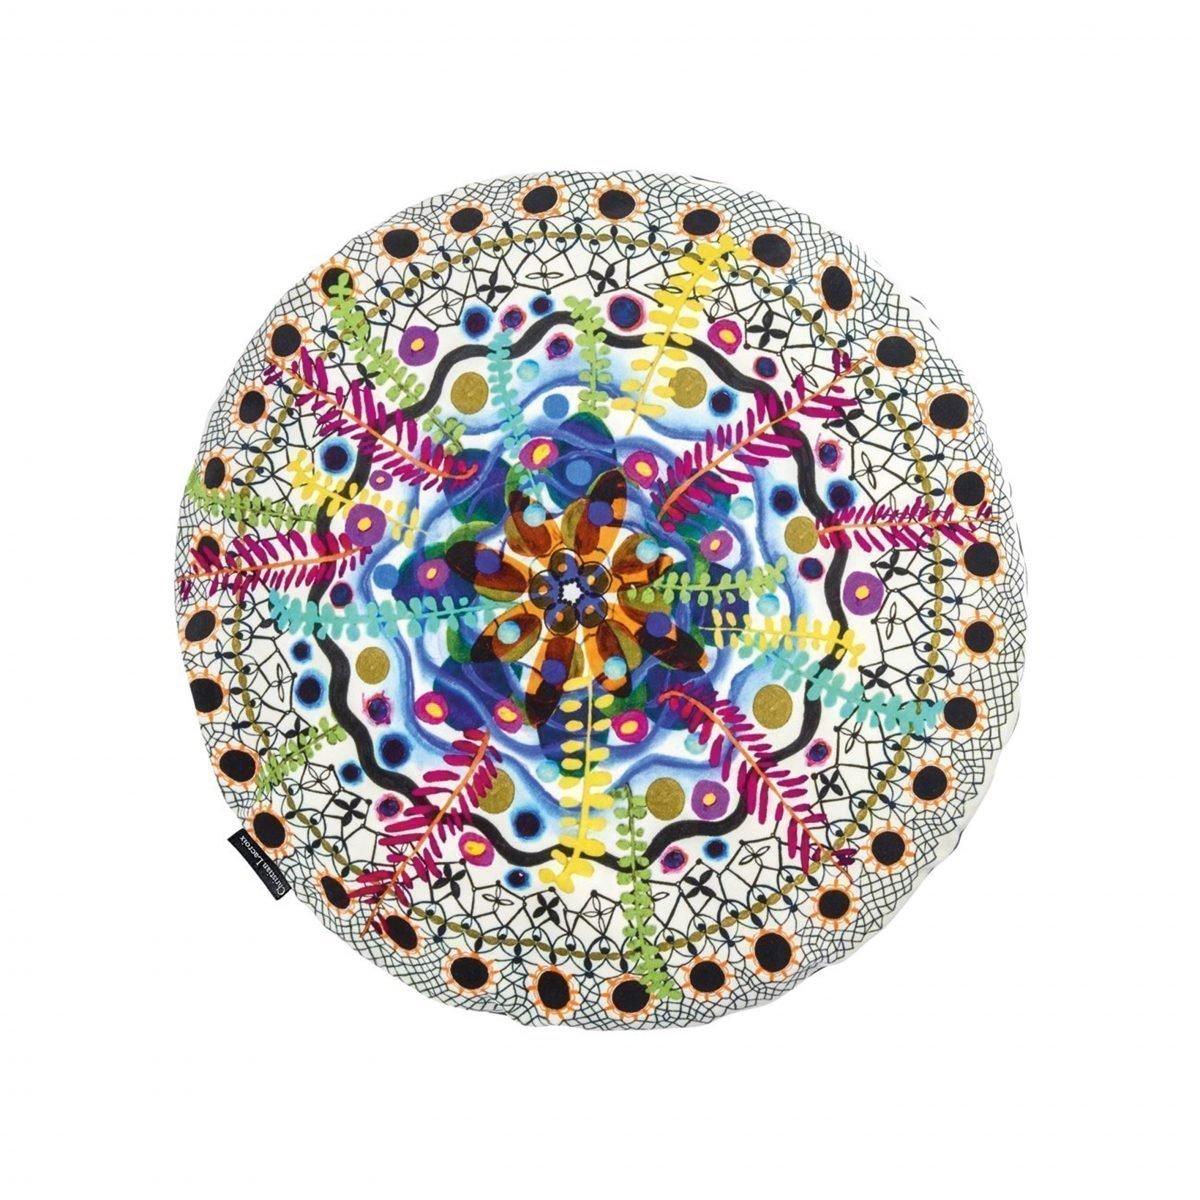 Een kleurrijk, rond kussen van Christian Lacroix, Rosetta - Multicolore